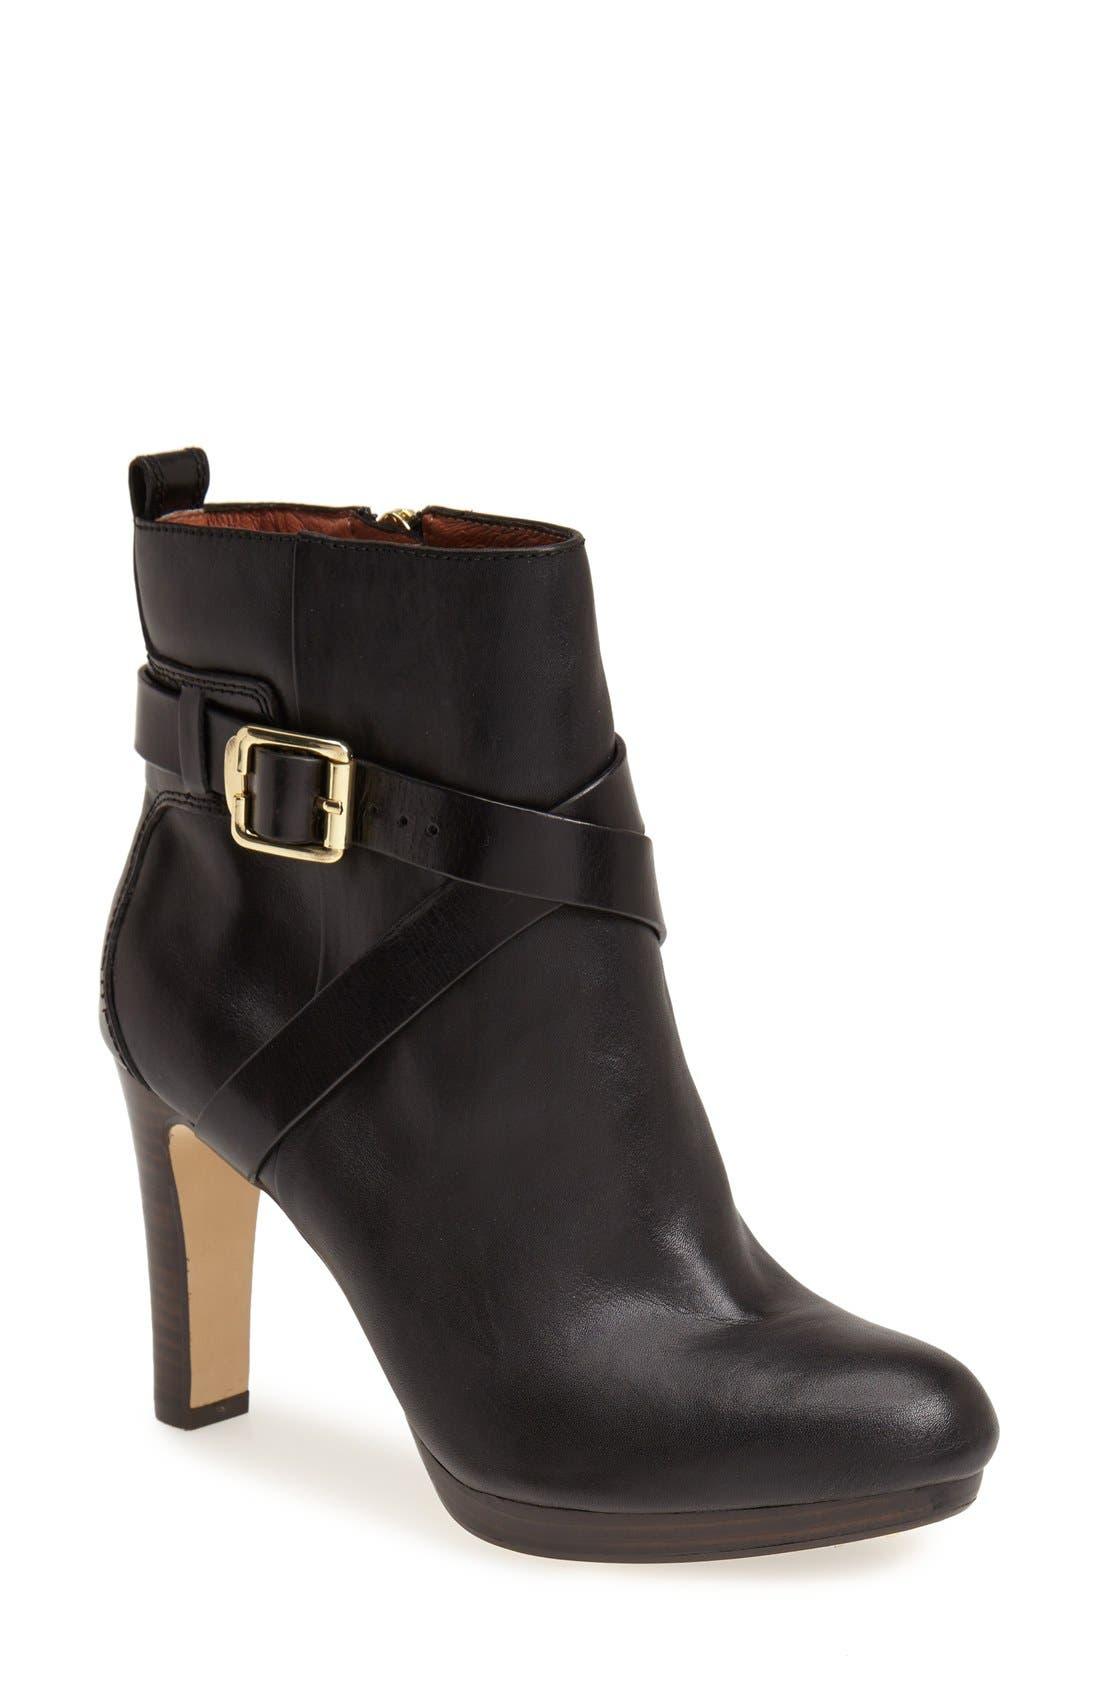 LOUISE ET CIE 'Labradora' Leather Platform Bootie, Main, color, 001